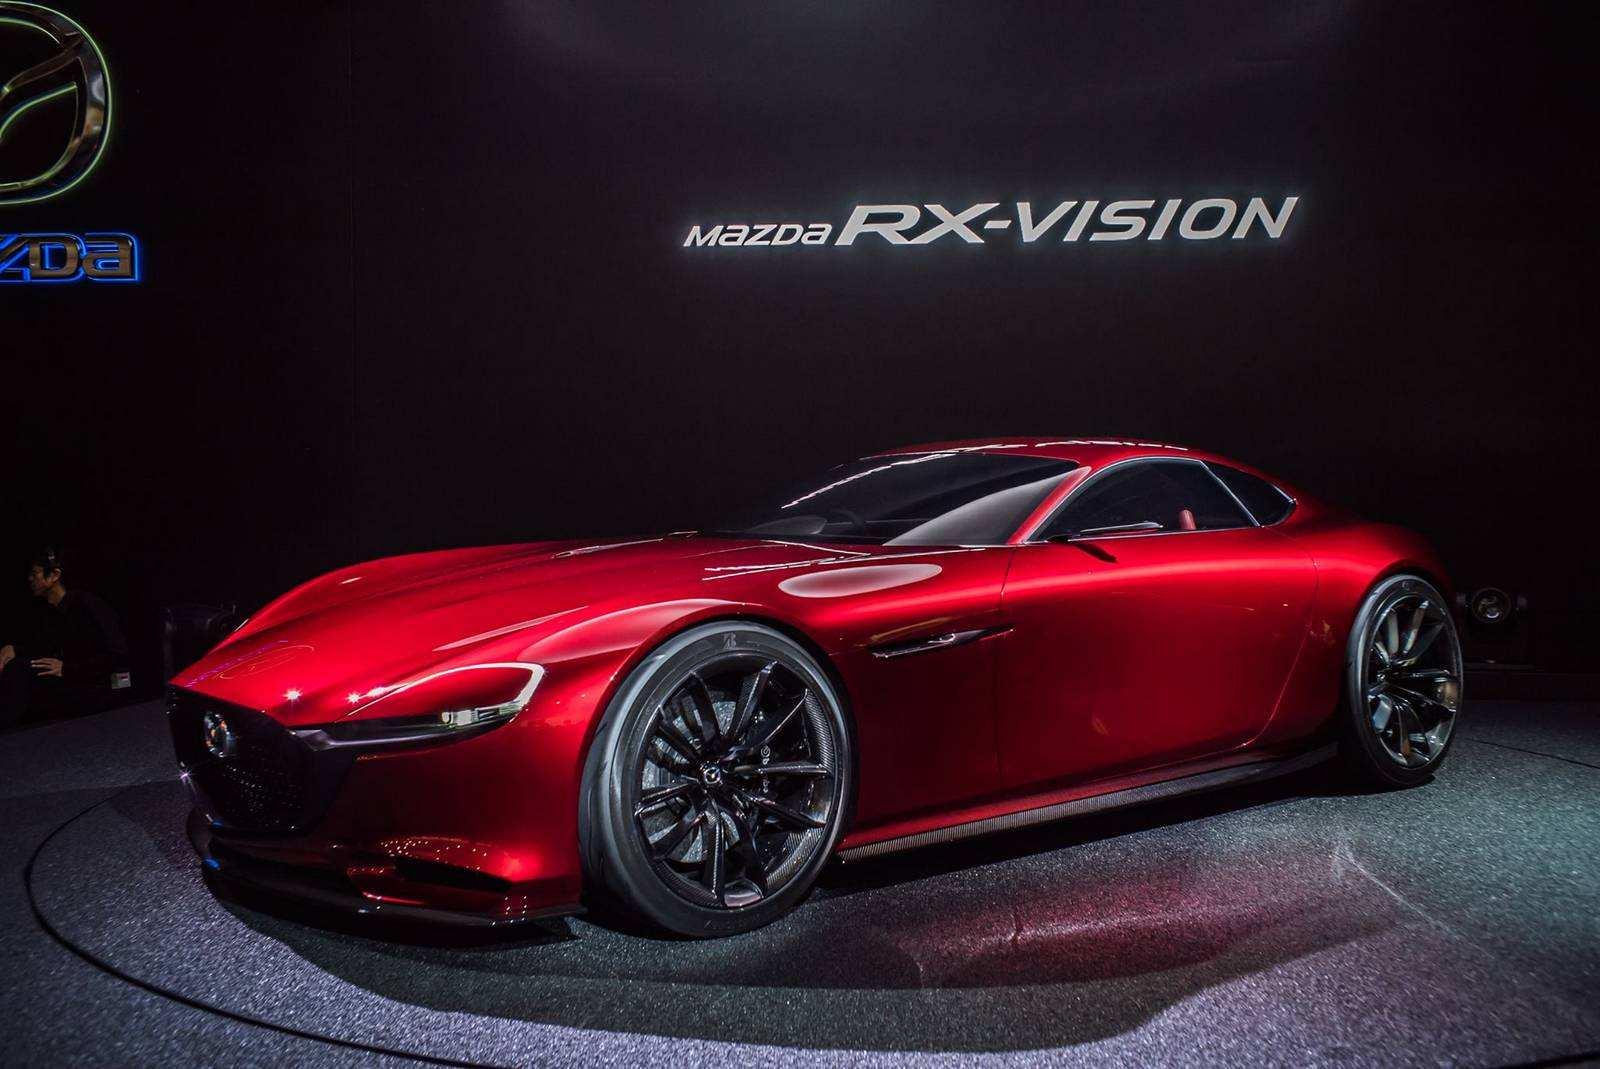 30 New Mazda Vision 2020 Exterior and Interior by Mazda Vision 2020